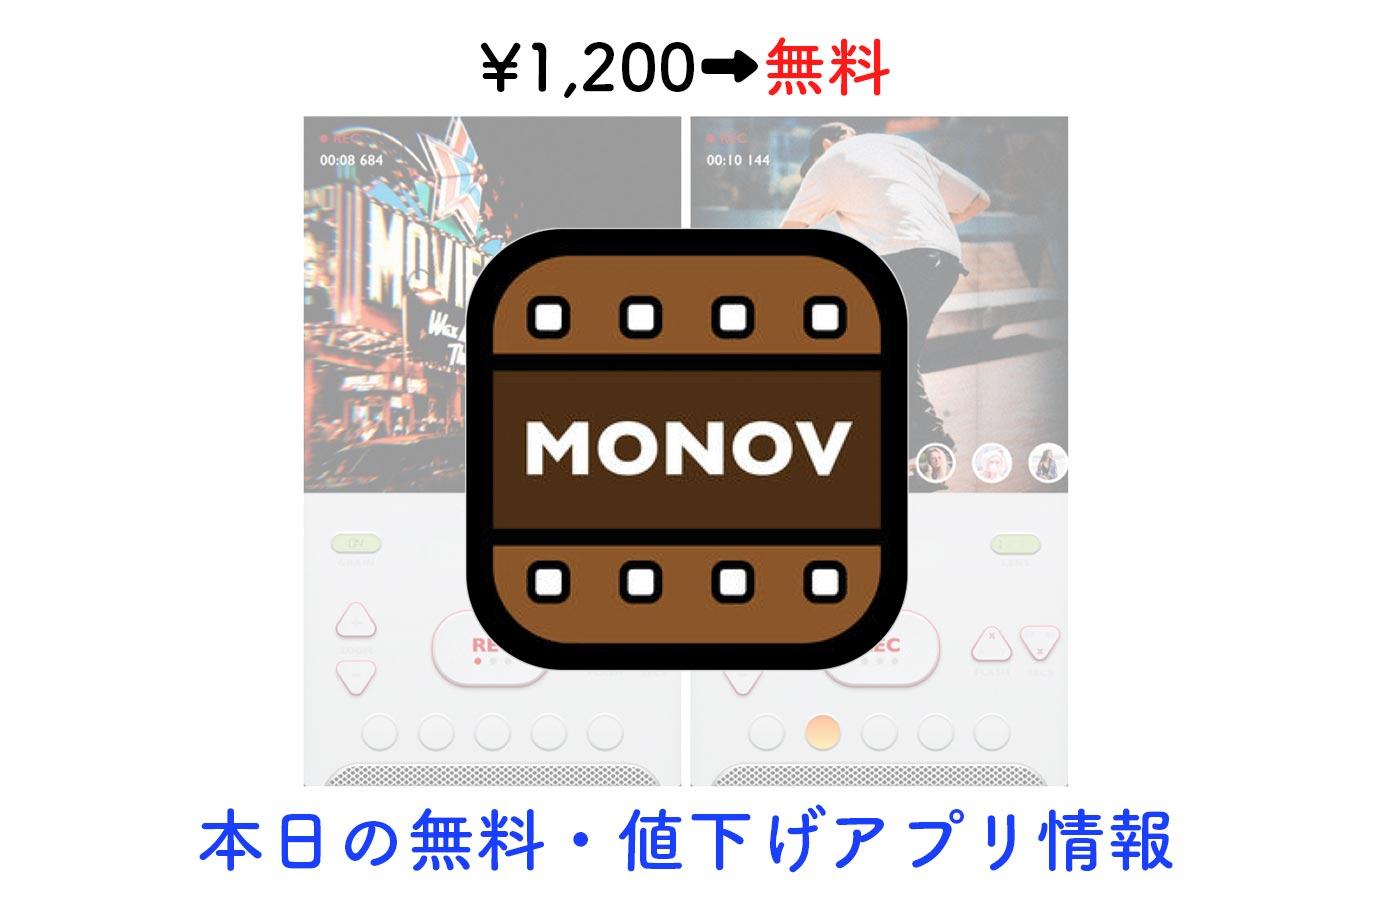 ¥1,200→無料、映画フィルムのようなビデオを撮影できる「MONOV」など【12/1】本日の無料・値下げアプリ情報